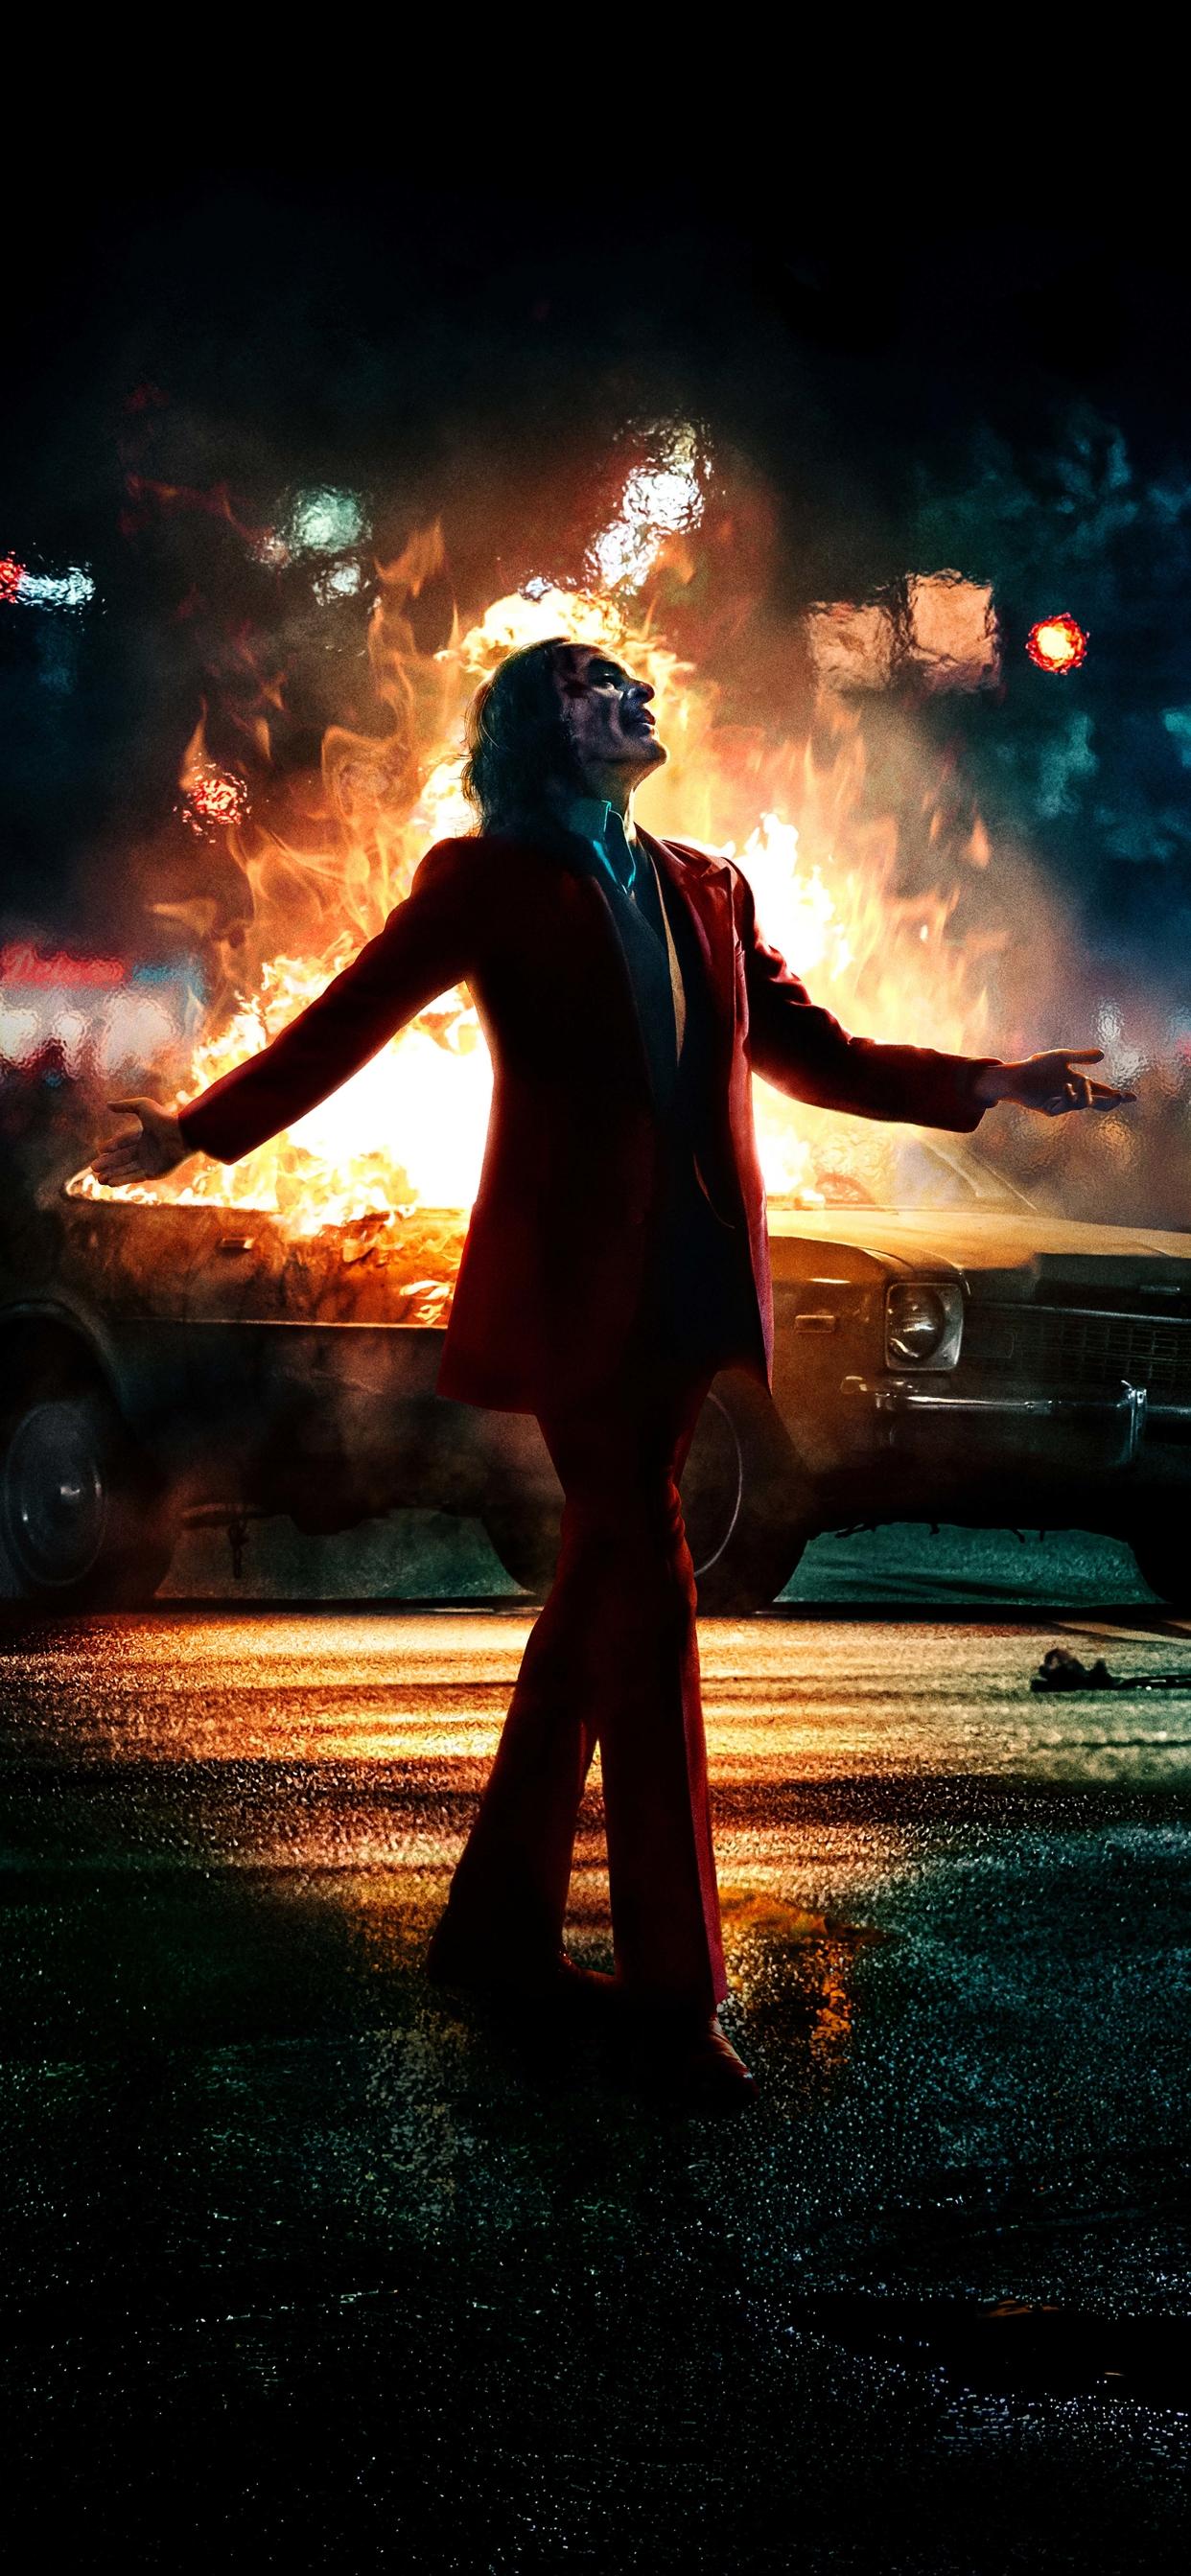 1242x2688 Joker Imax Poster Iphone Xs Max Wallpaper Hd